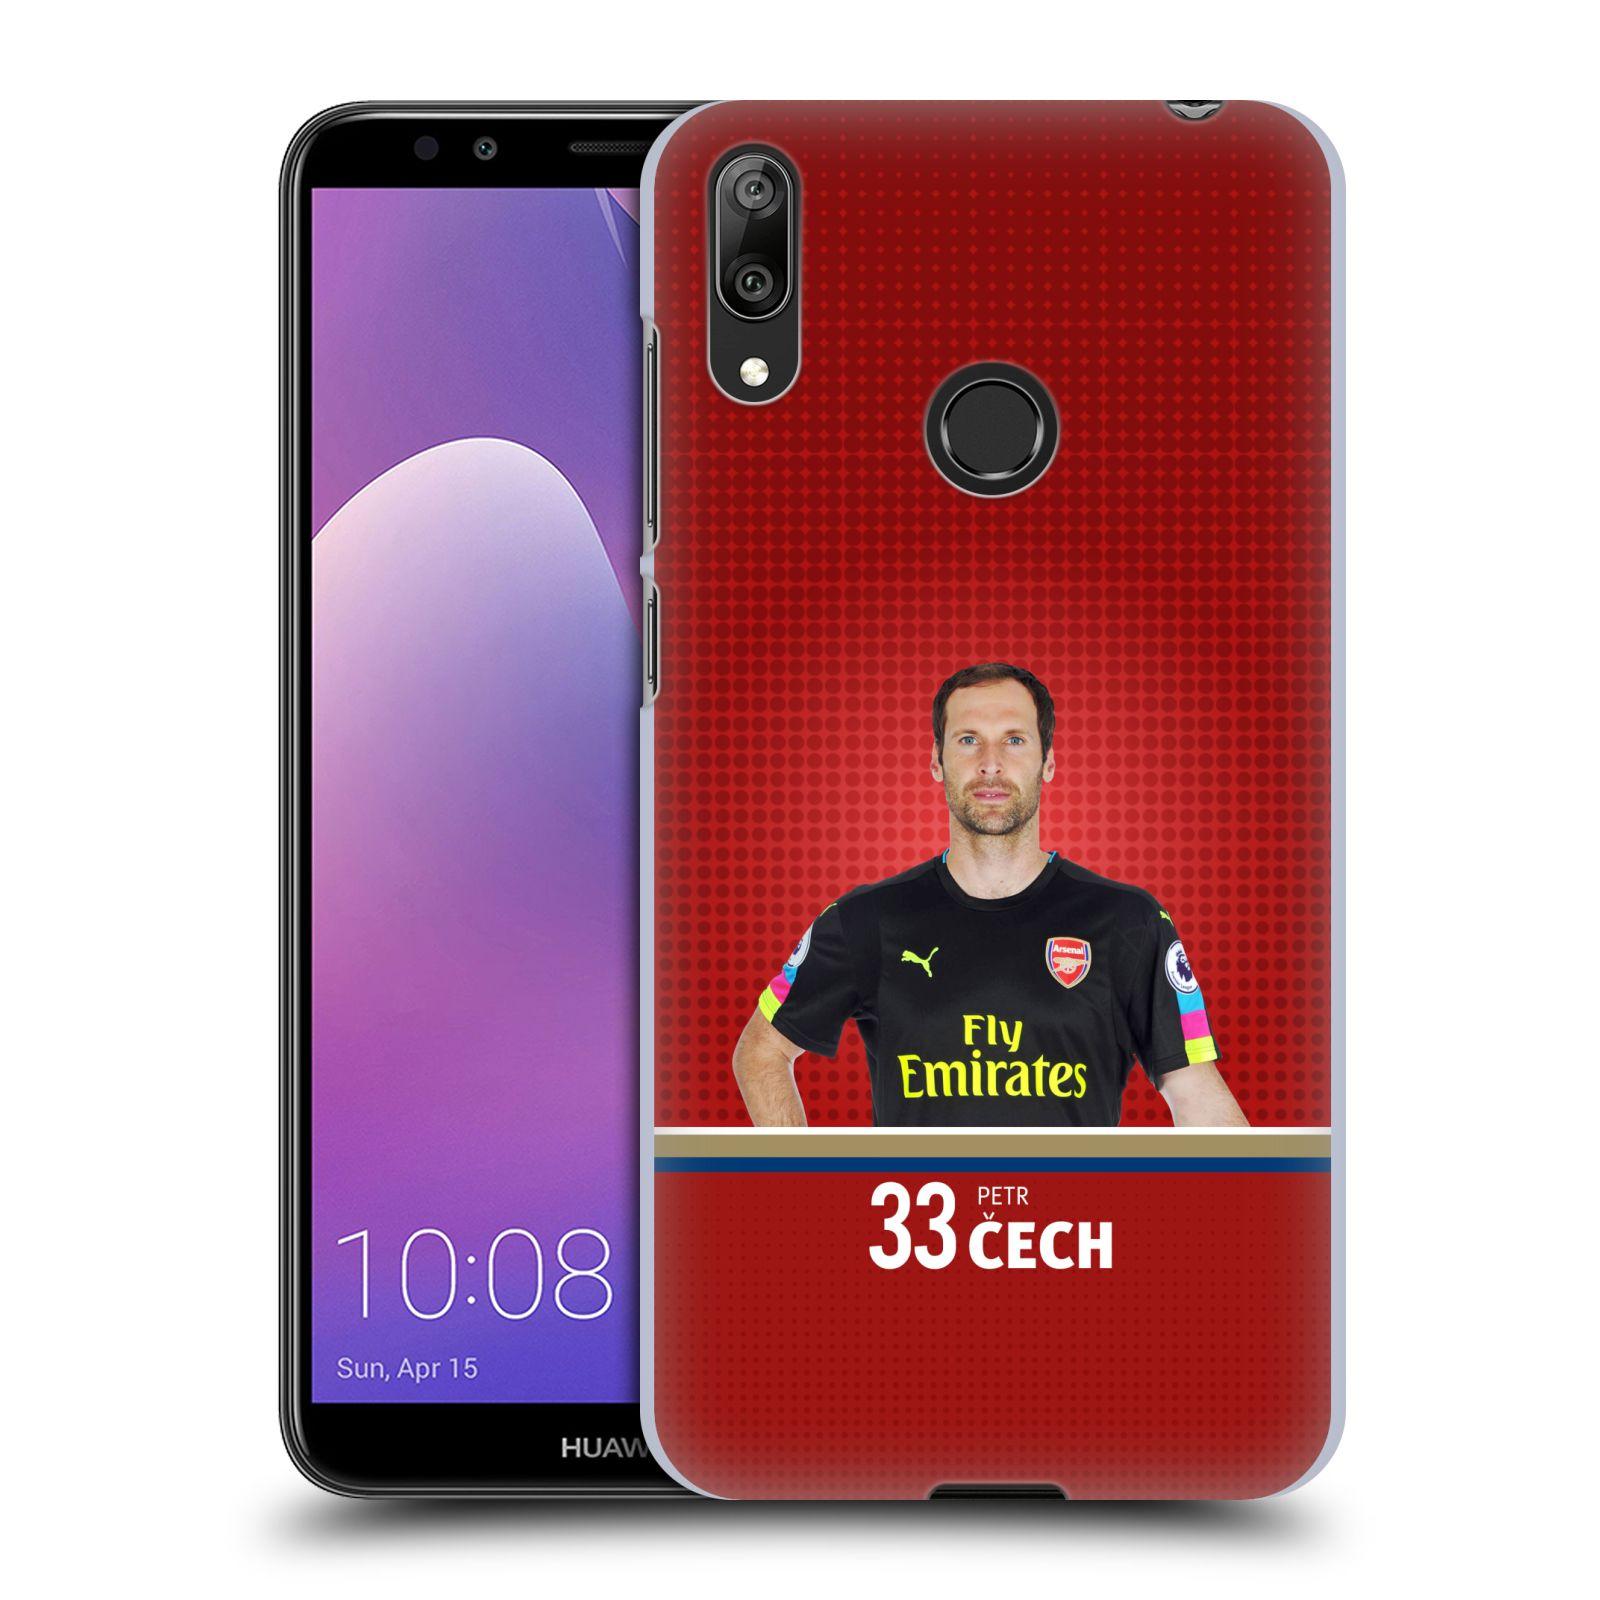 Plastové pouzdro na mobil Huawei Y7 (2019) - Head Case - Arsenal FC - Petr Čech